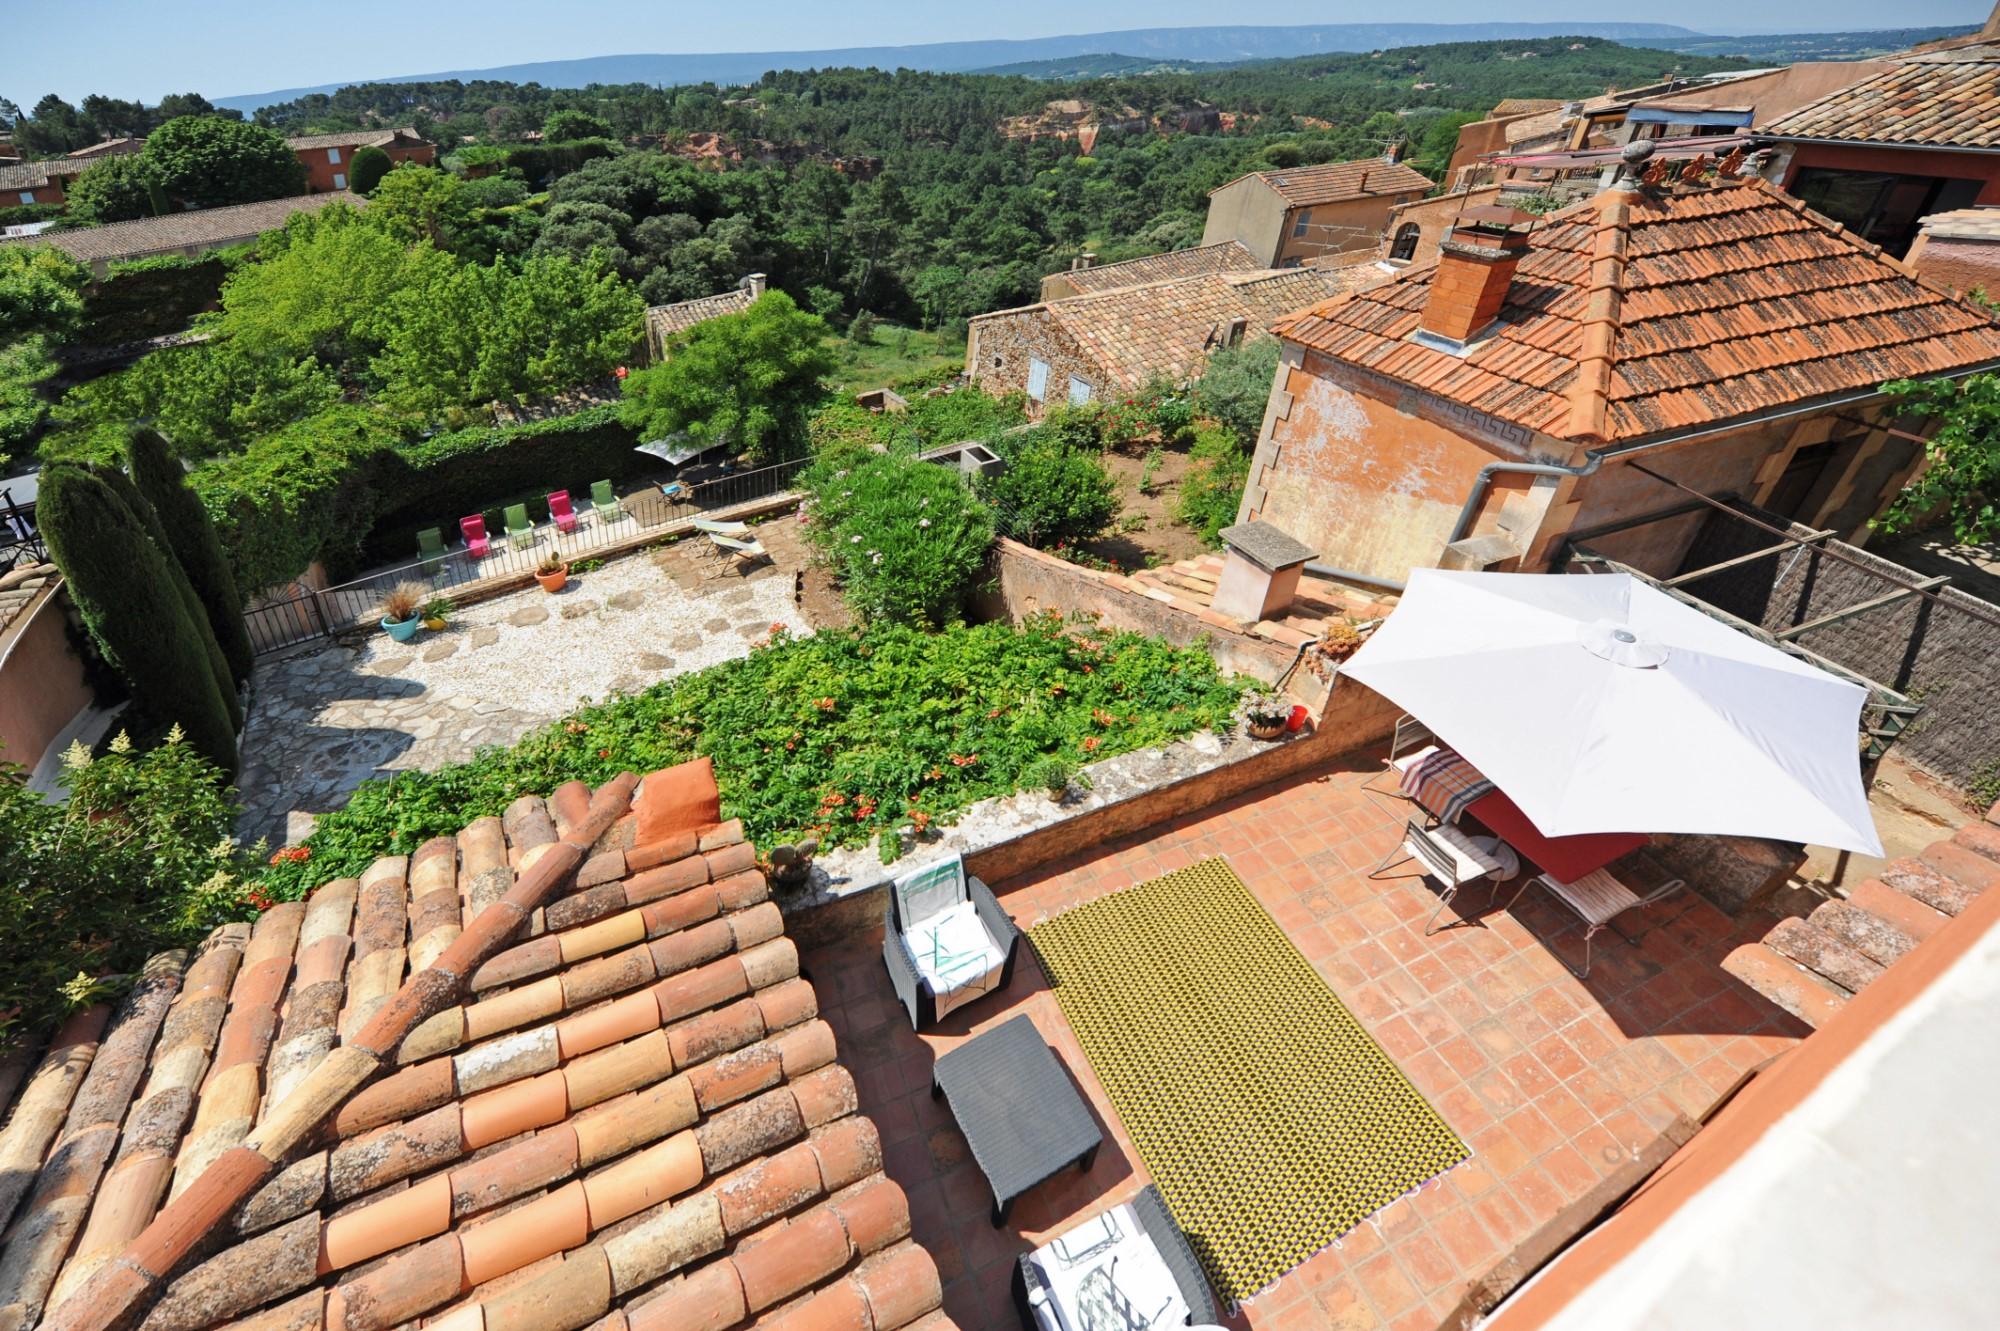 A vendre en Luberon, propriété de village avec vue et piscine